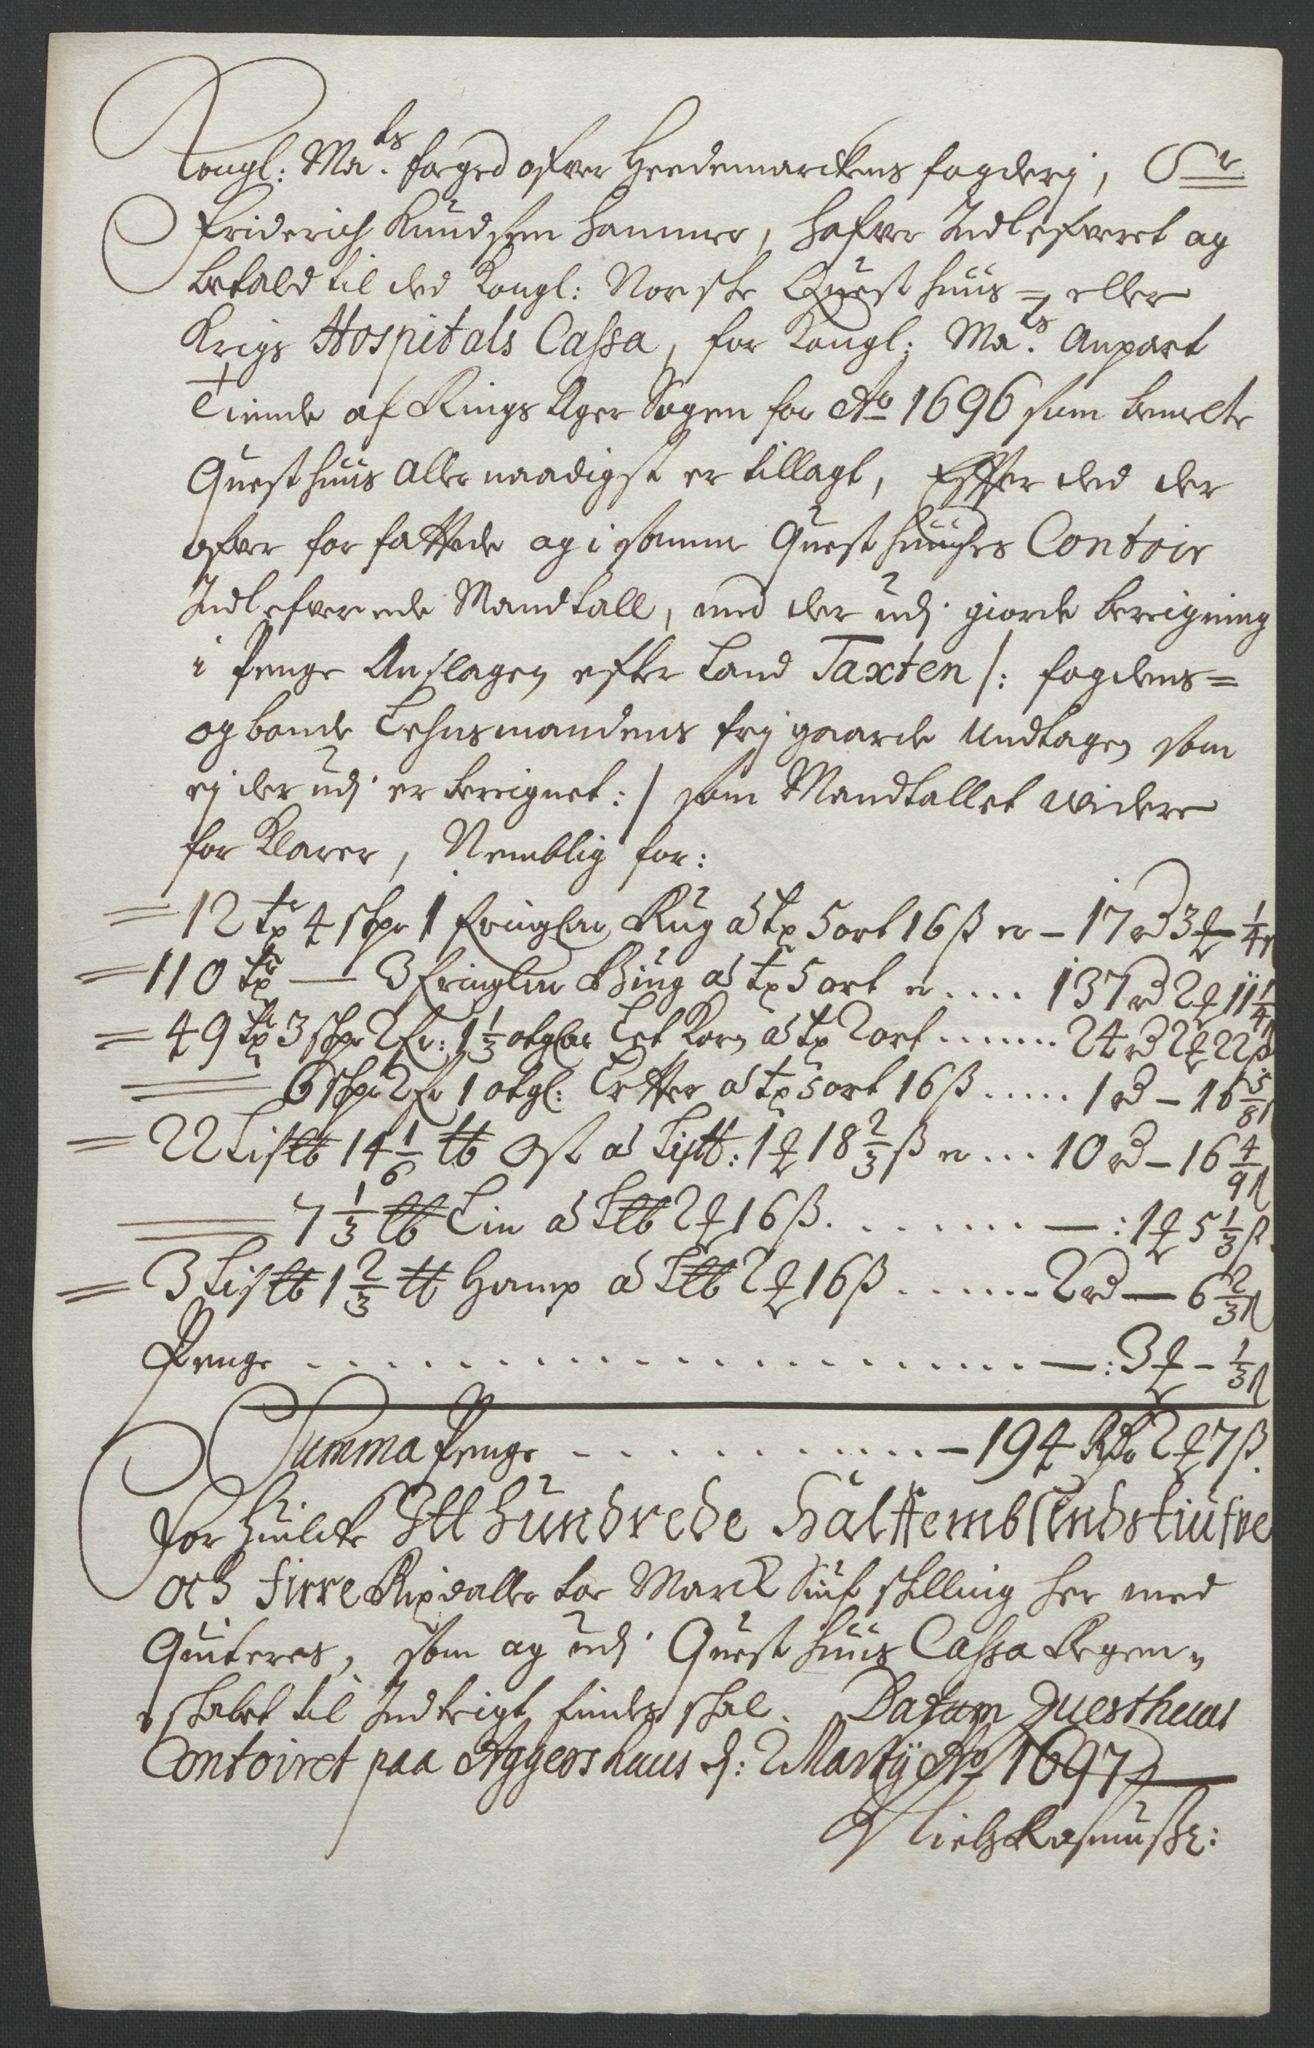 RA, Rentekammeret inntil 1814, Reviderte regnskaper, Fogderegnskap, R16/L1036: Fogderegnskap Hedmark, 1695-1696, s. 427